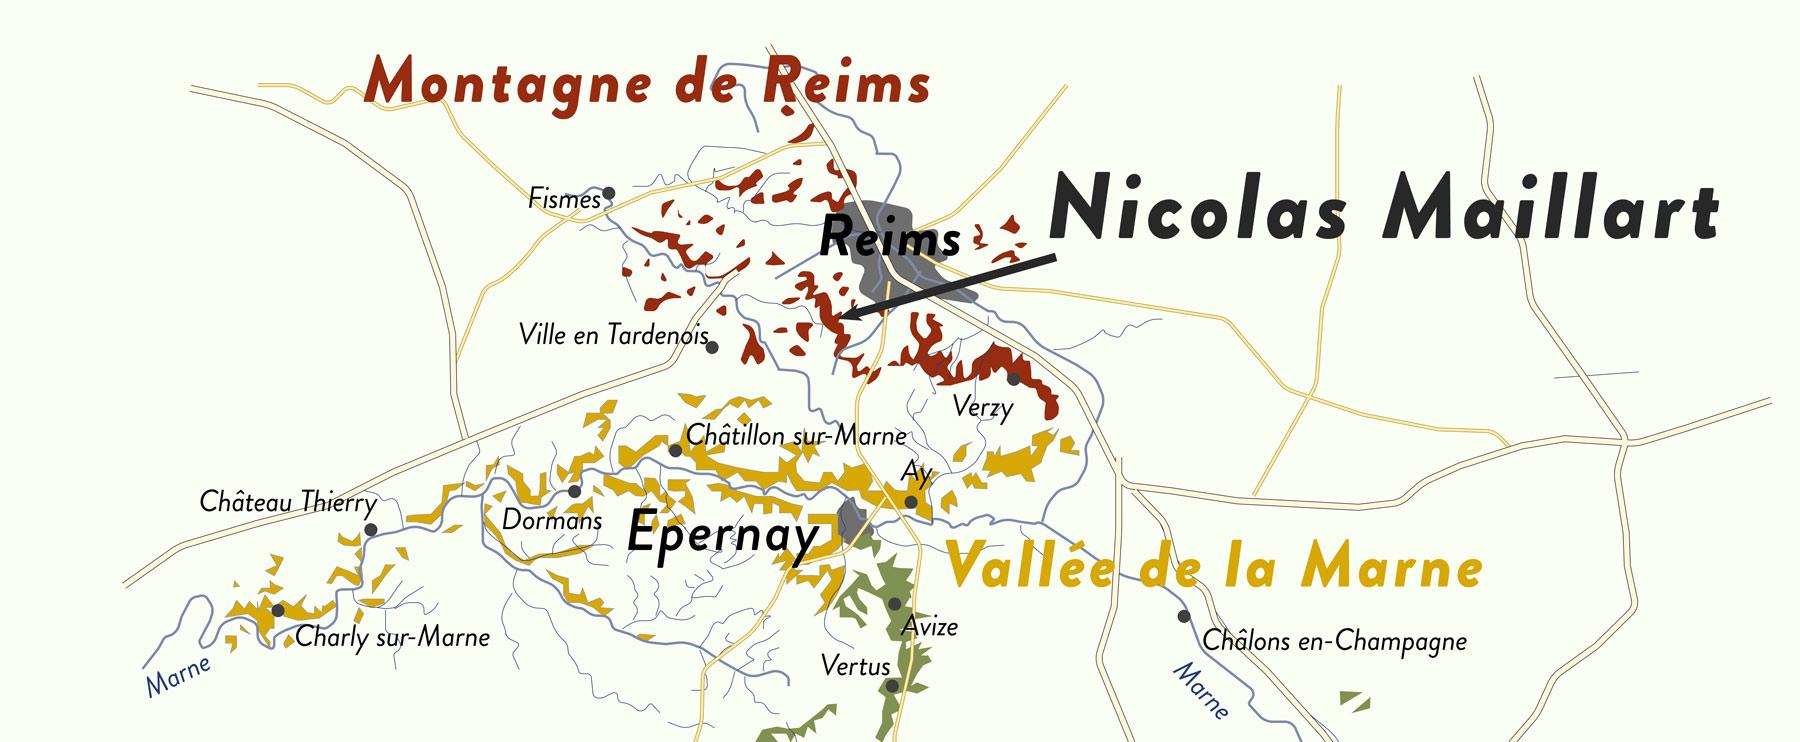 Maillart in den Montagne de Reims